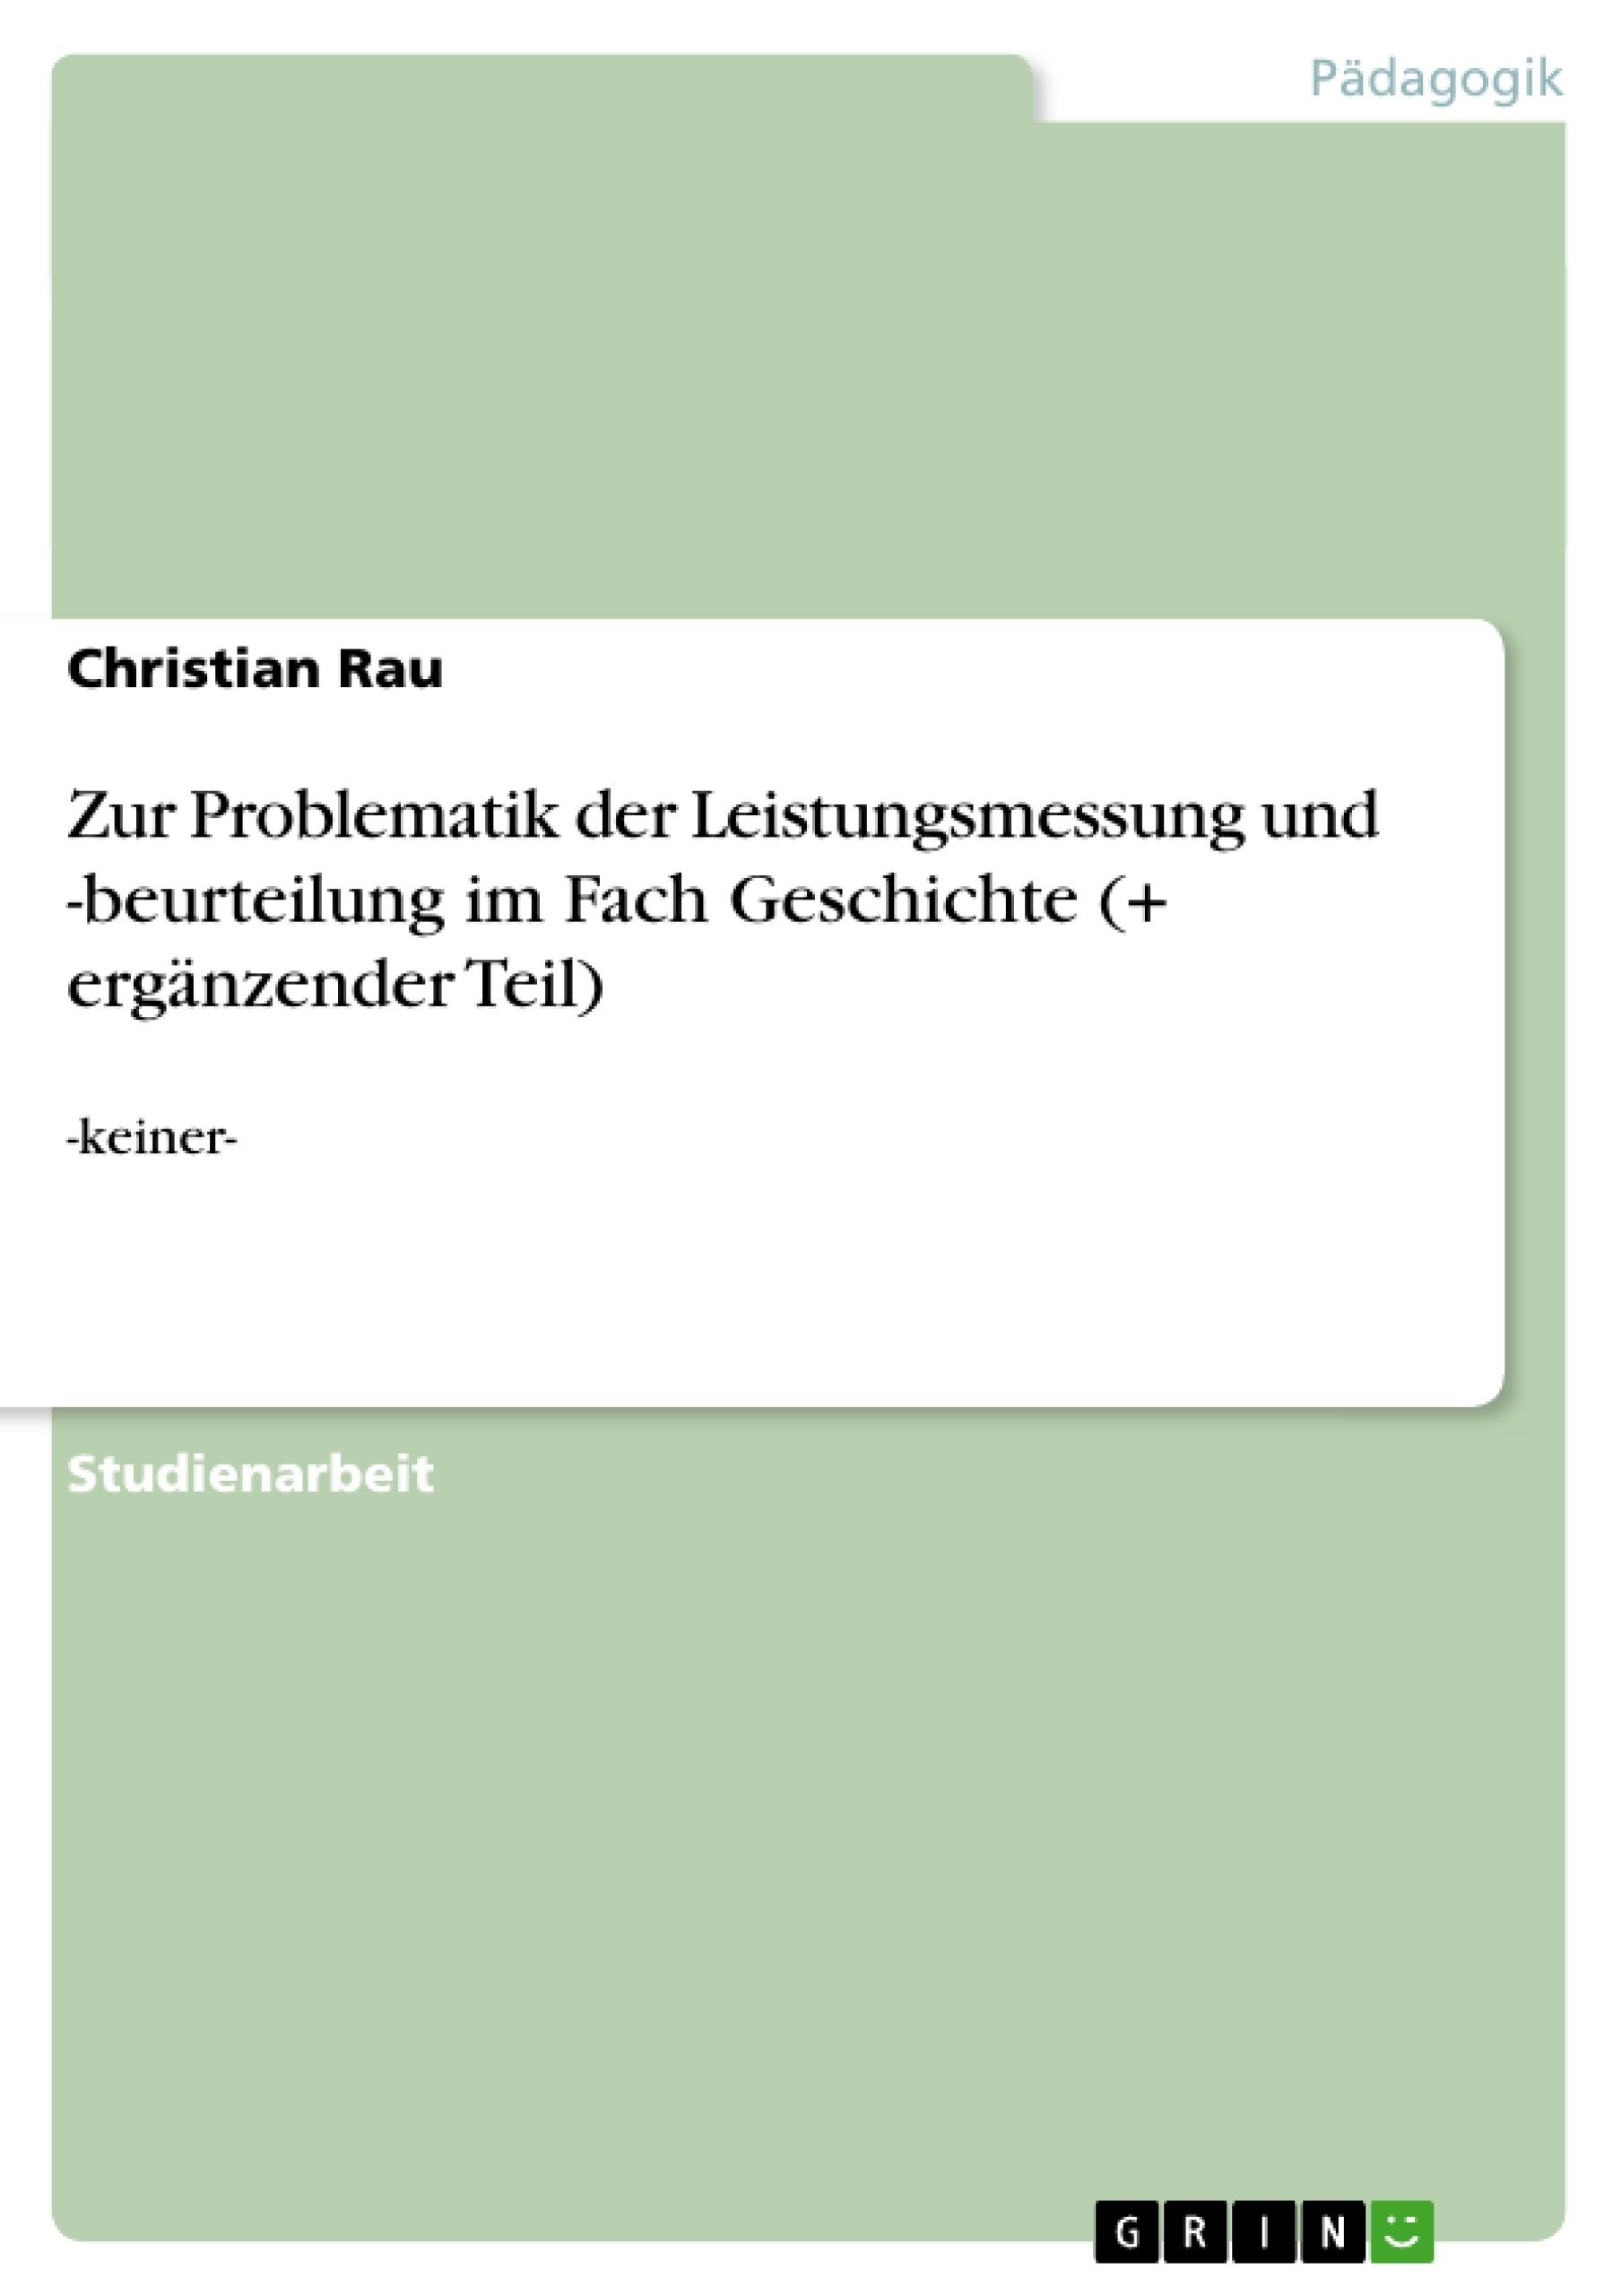 Titel: Zur Problematik der Leistungsmessung und -beurteilung im Fach Geschichte (+ ergänzender Teil)